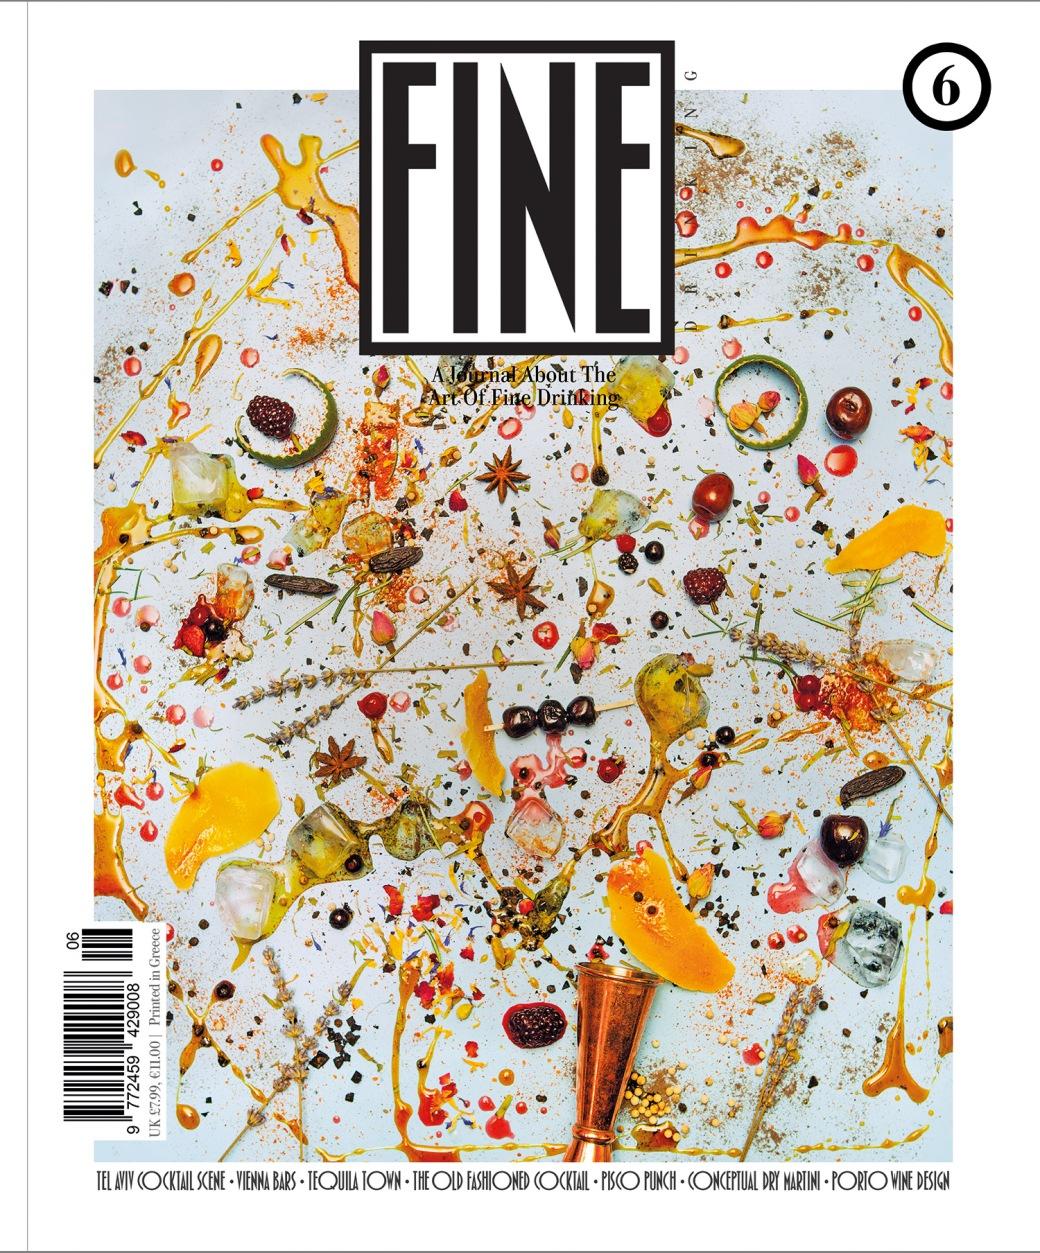 FINE_COVER_6_a copy